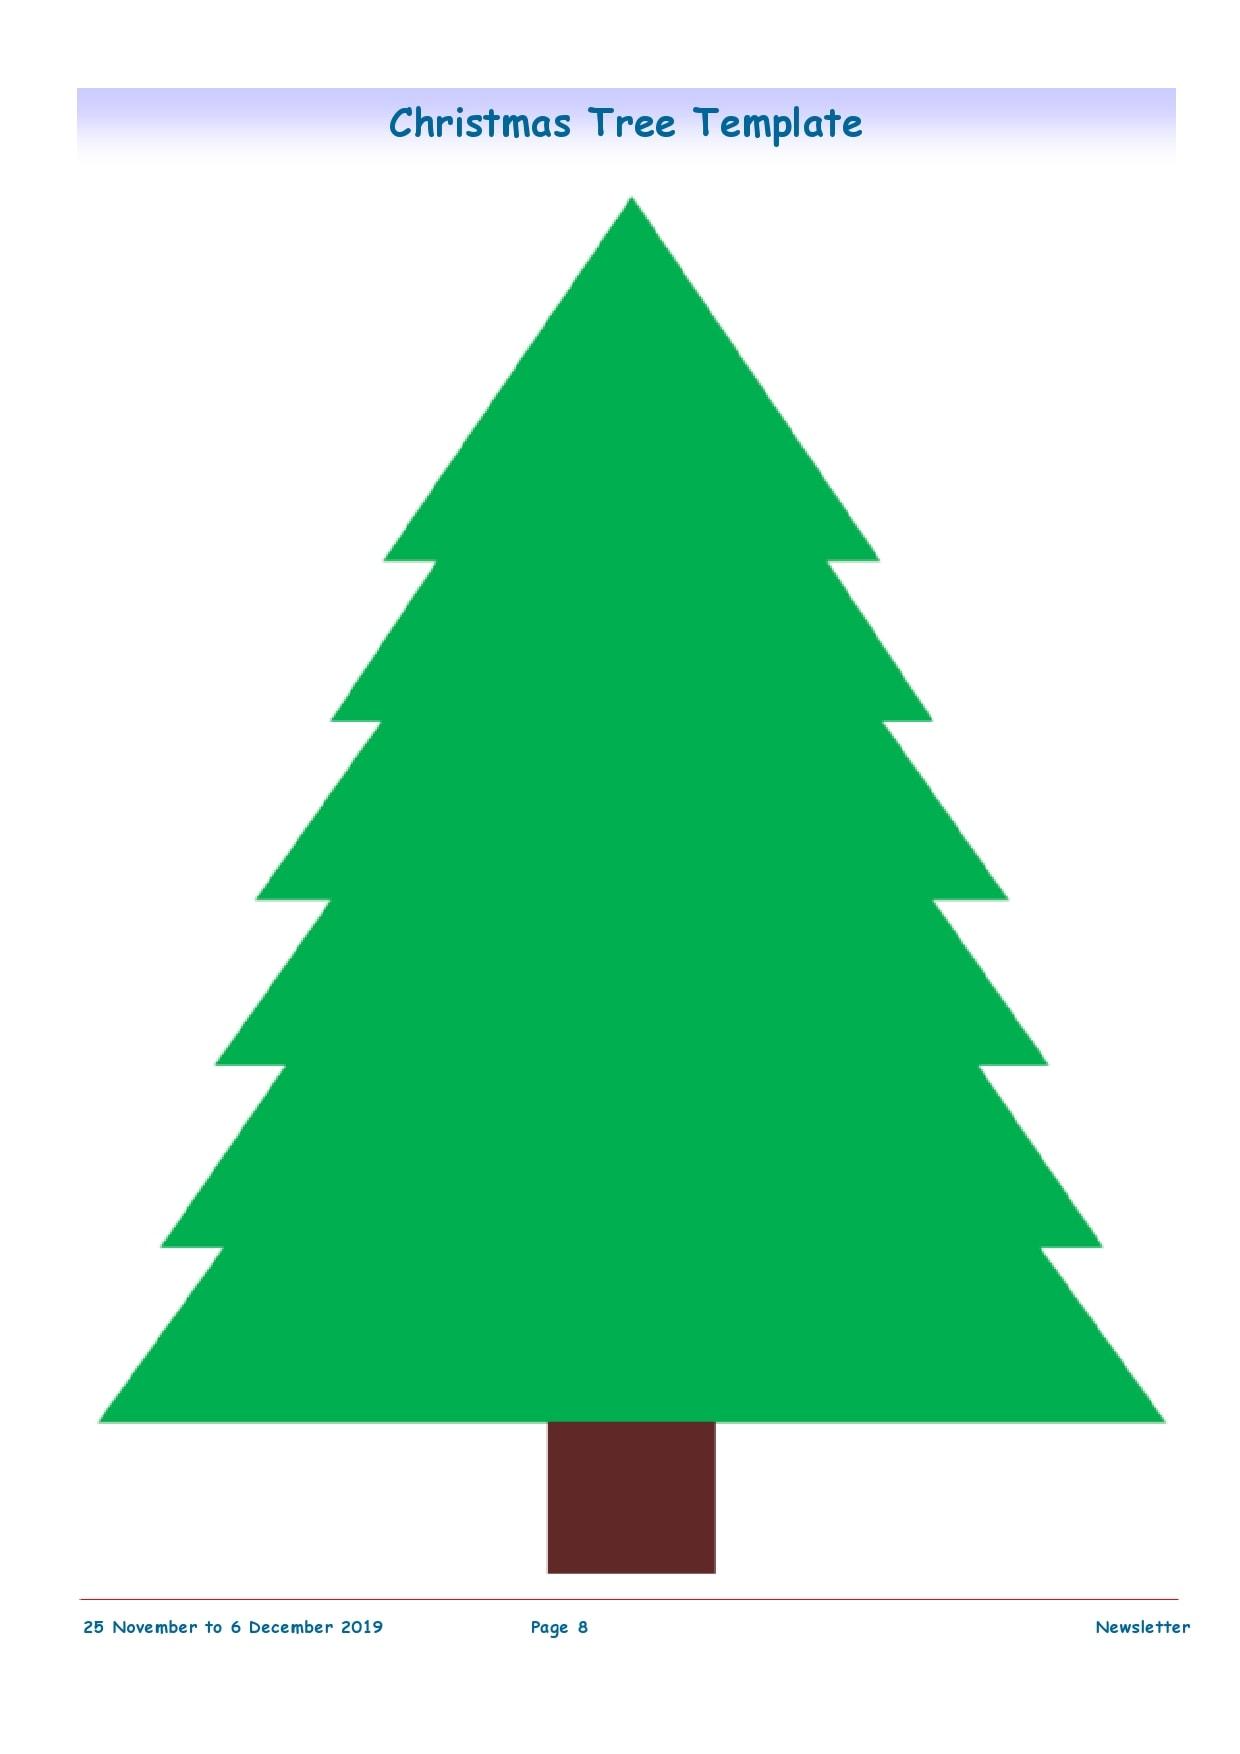 50 Printable Christmas Tree Templates Free Download Printabletemplates